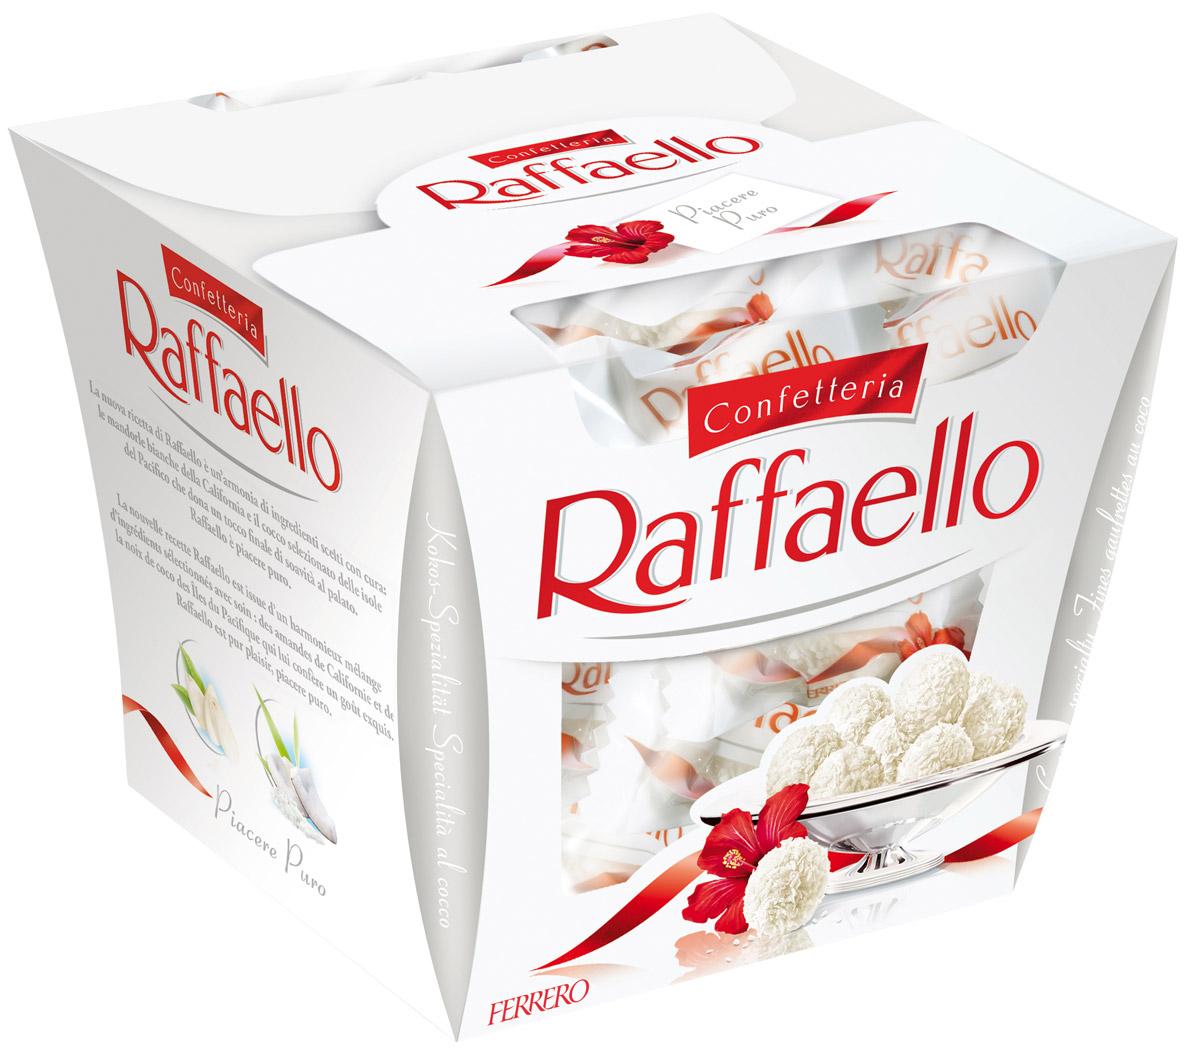 Raffaello конфеты с цельным миндальным орехом в кокосовой обсыпке, 150 г77115551/77098291/77098319Конфеты Рафаэлло с цельным миндальным орехом в кокосовой обсыпке.